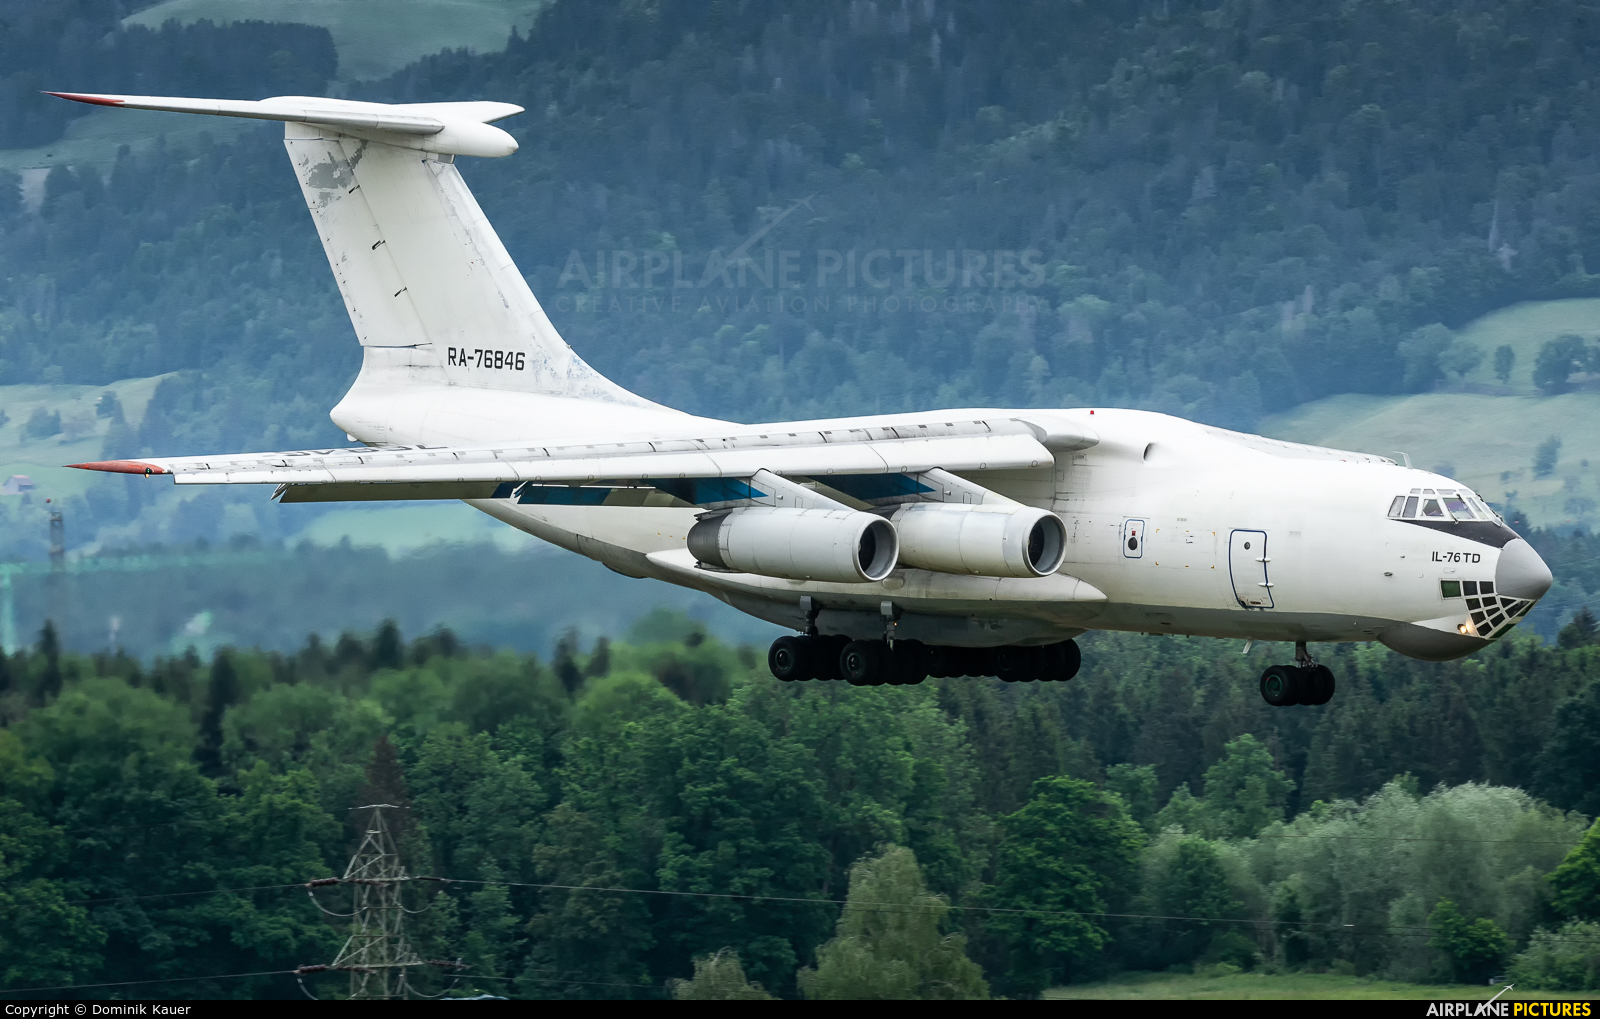 Aviacon Zitotrans RA-76846 aircraft at Emmen